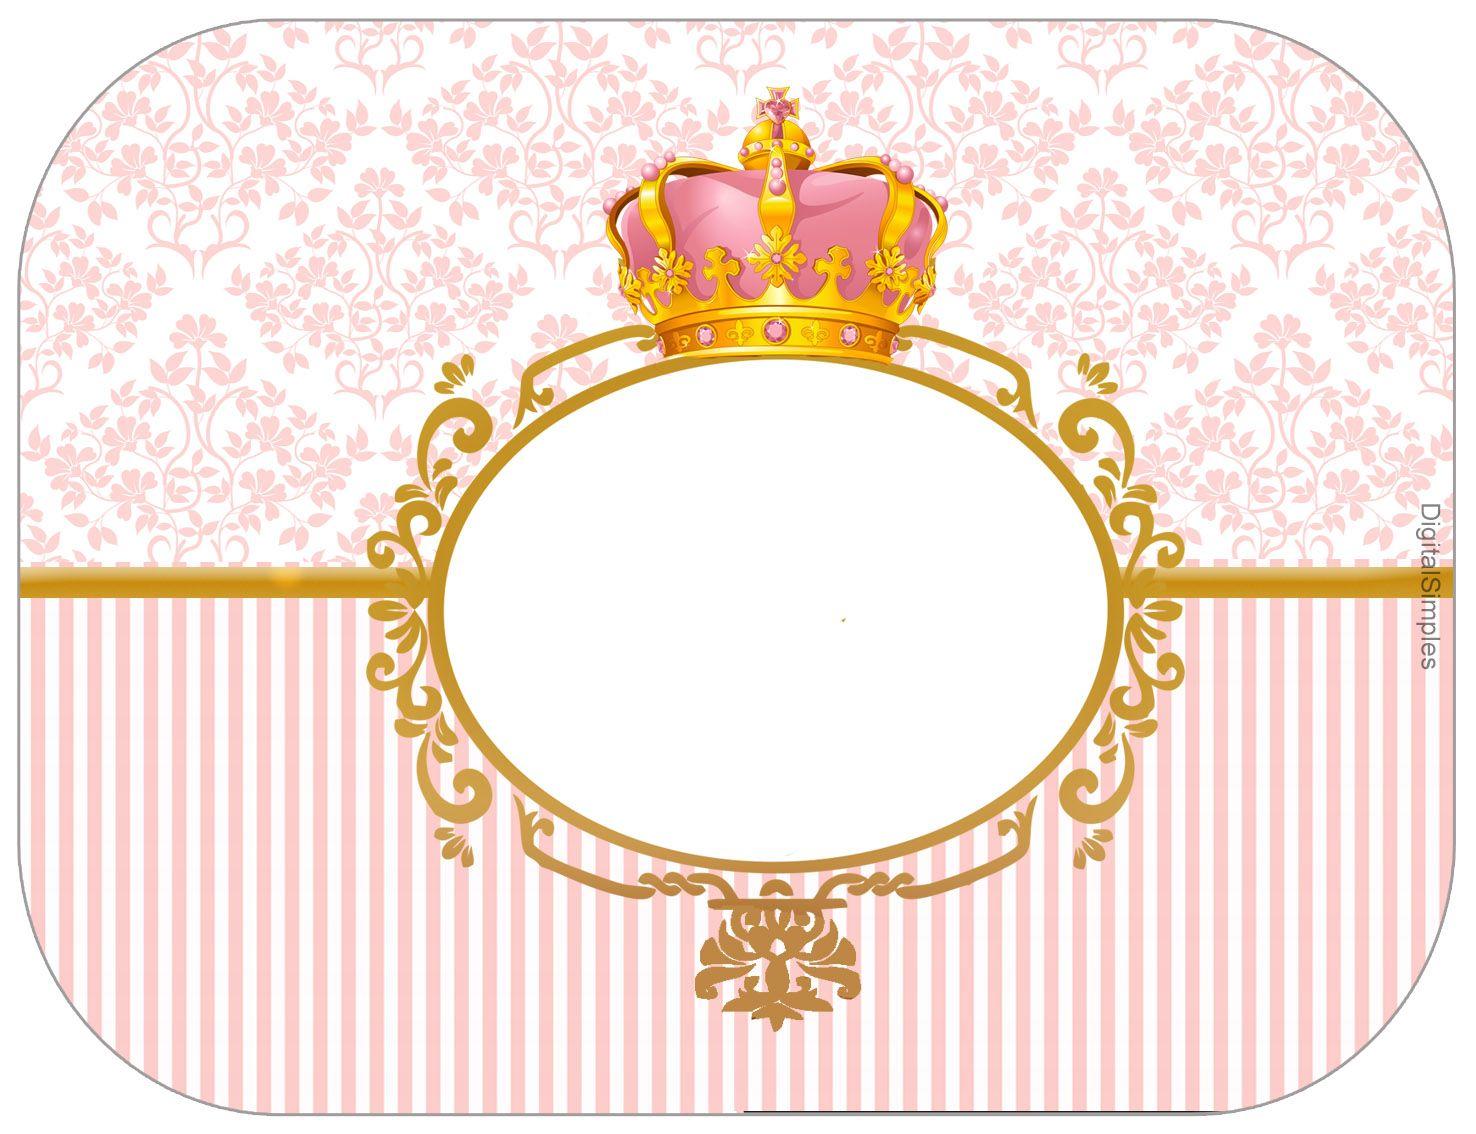 """Adesivo De Chão Personalizado Sp ~ Kit Personalizado Tema""""Coroa Rosa Menina"""" para Imprimir Convites Digitais Simples Mm"""